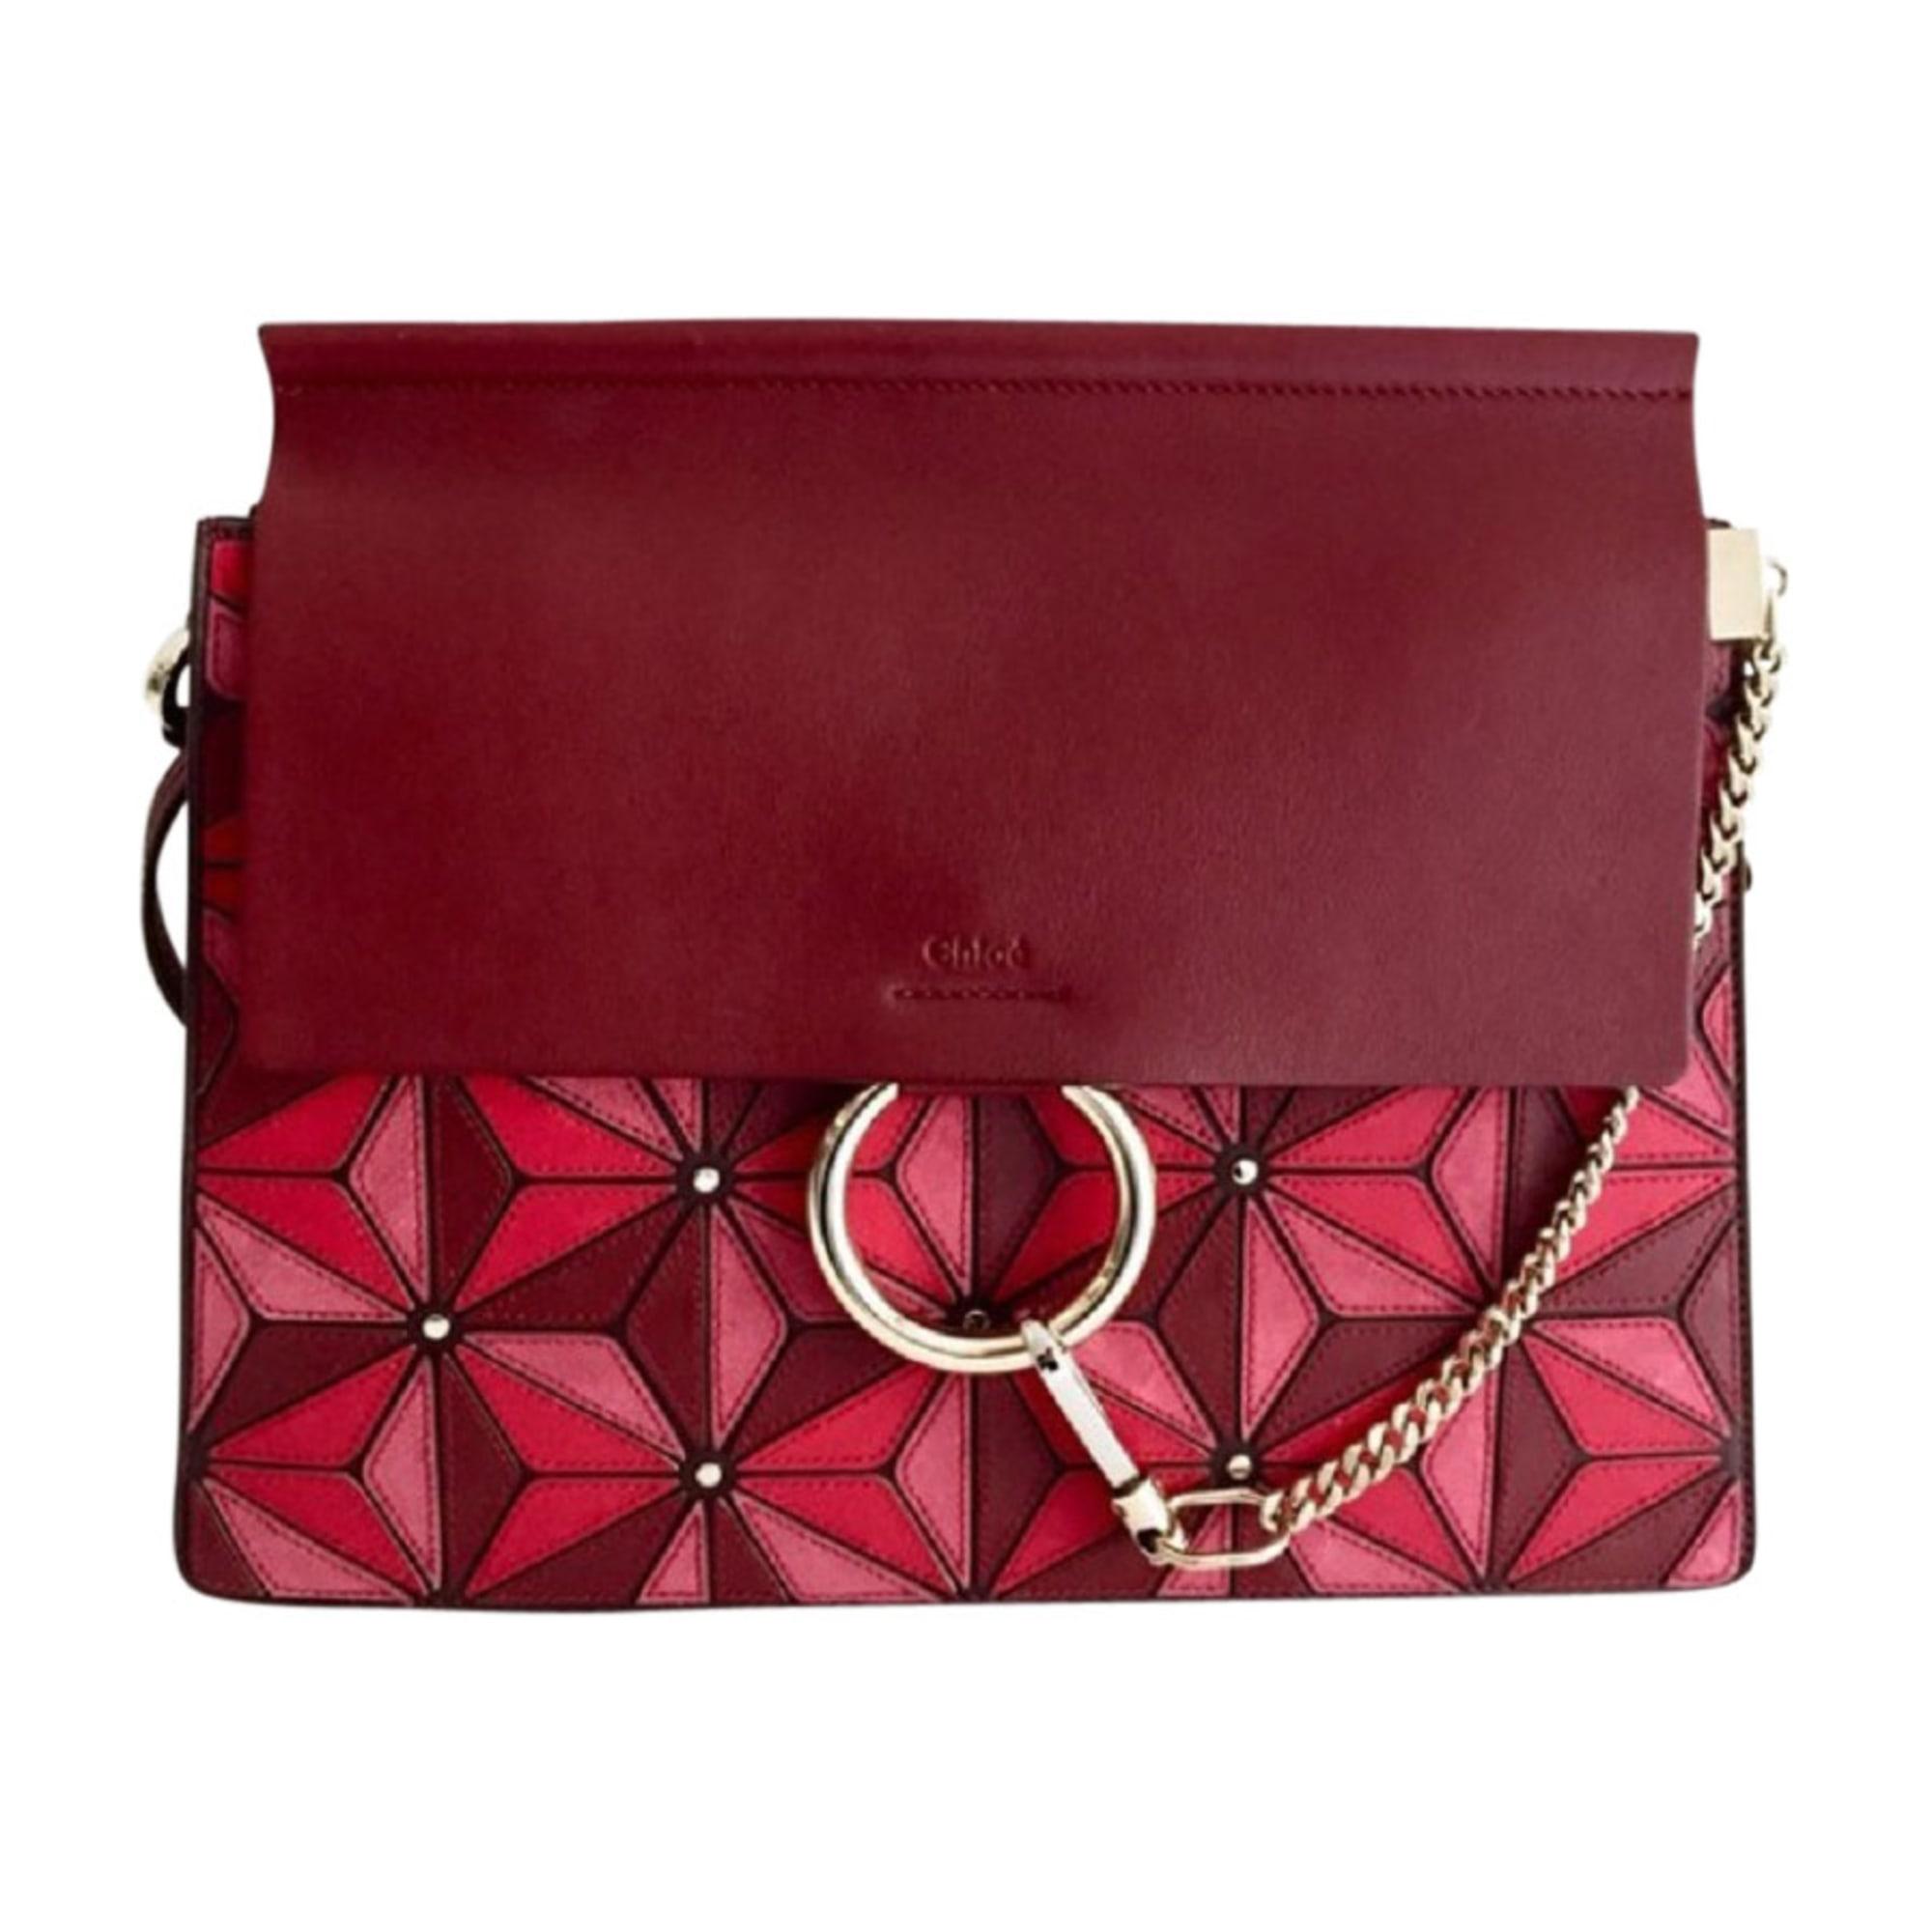 Leather Handbag CHLOÉ Faye Nuances de bordeaux à rosées